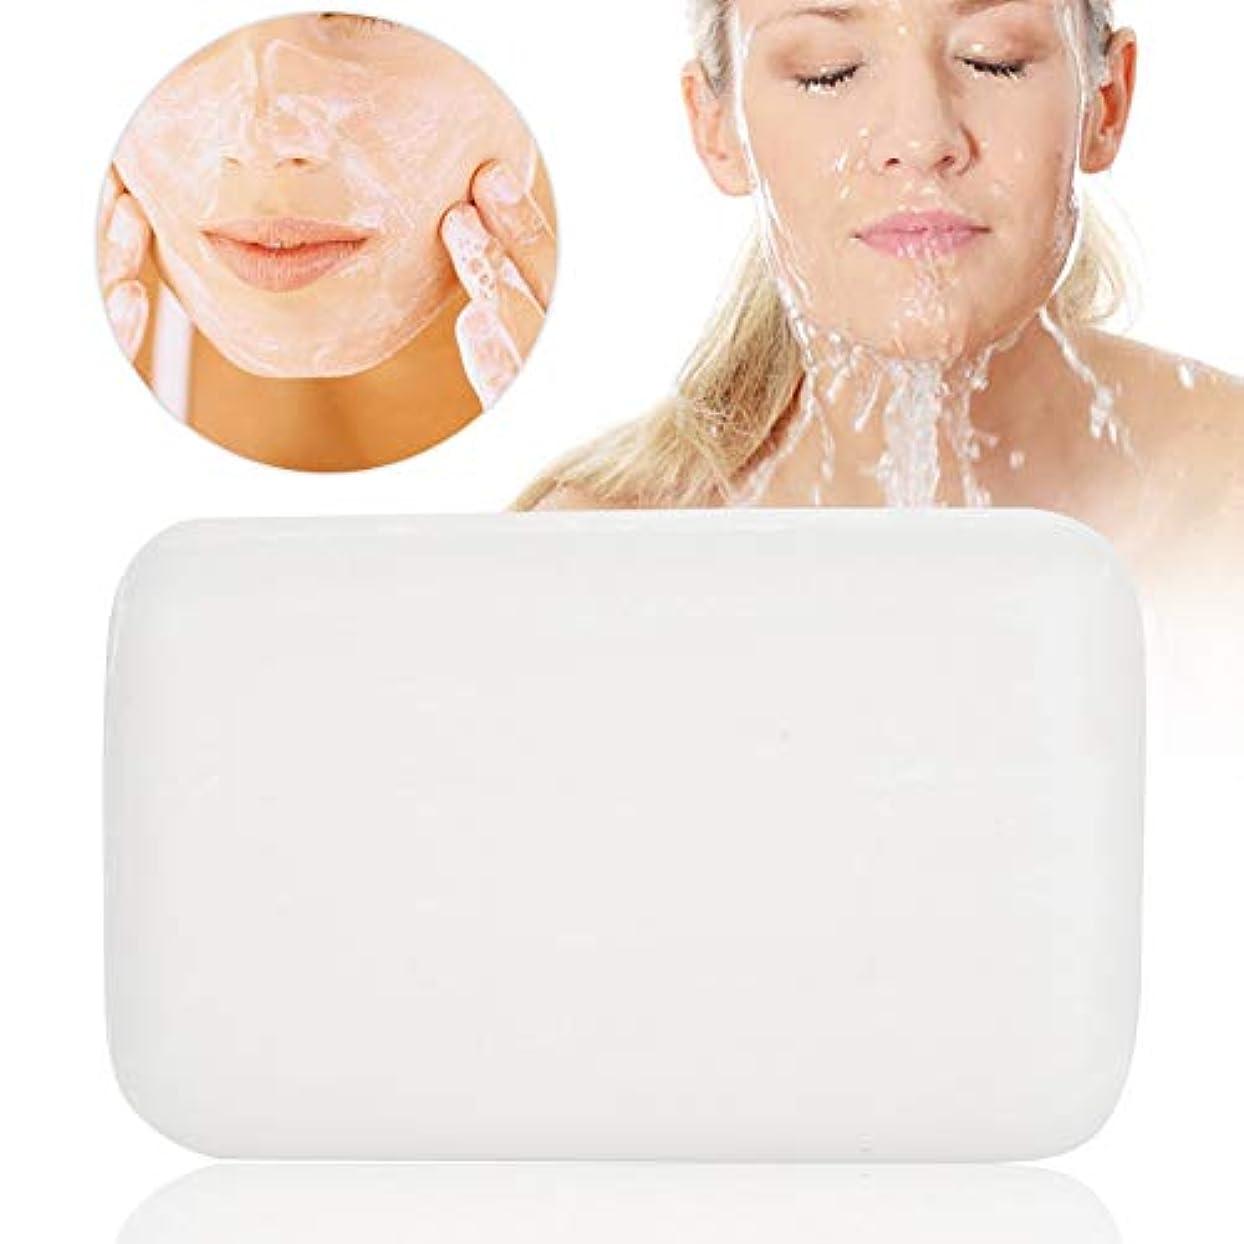 来て崇拝しますアクロバット美容石鹸 シミ取り! (洗顔?全身用) せっけん バスサイズ 洗顔石けん 無添加 低刺激性 化粧石鹸